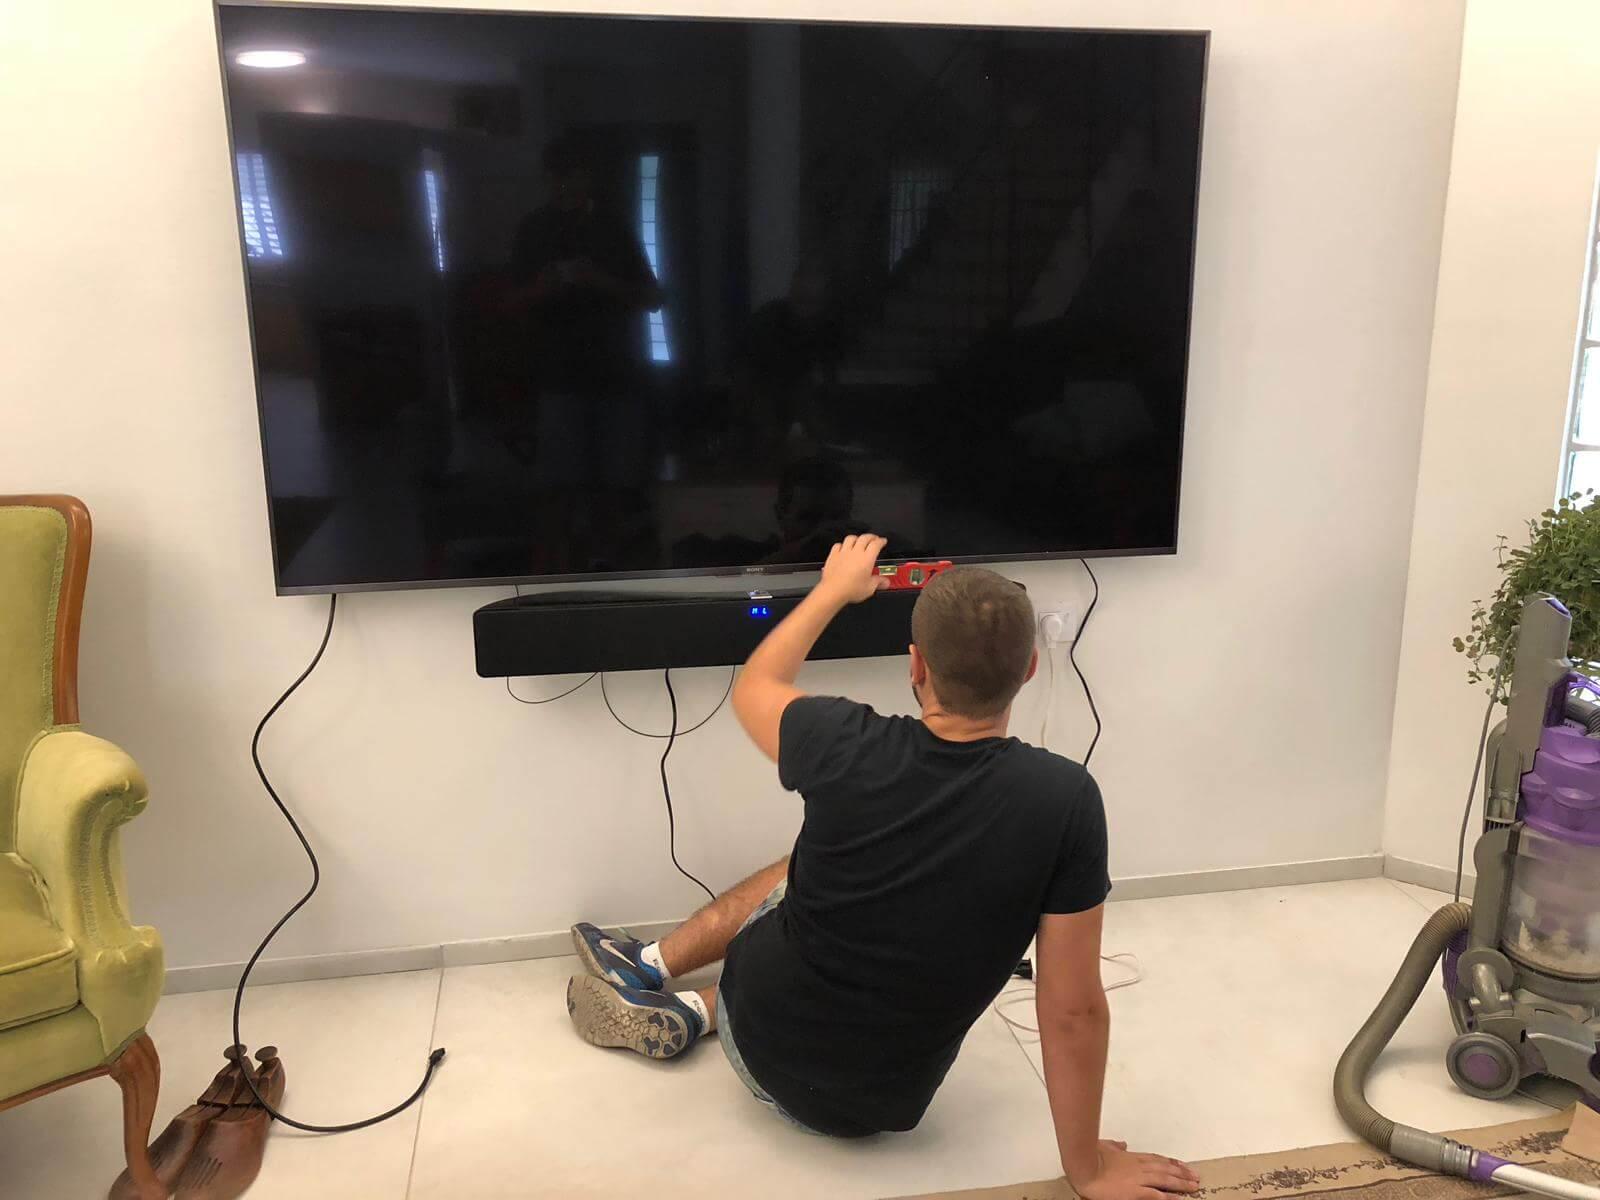 תמונת גלריה הגדול בהתקנות מתקין טלוויזיות מקצועי עם יחס אישי